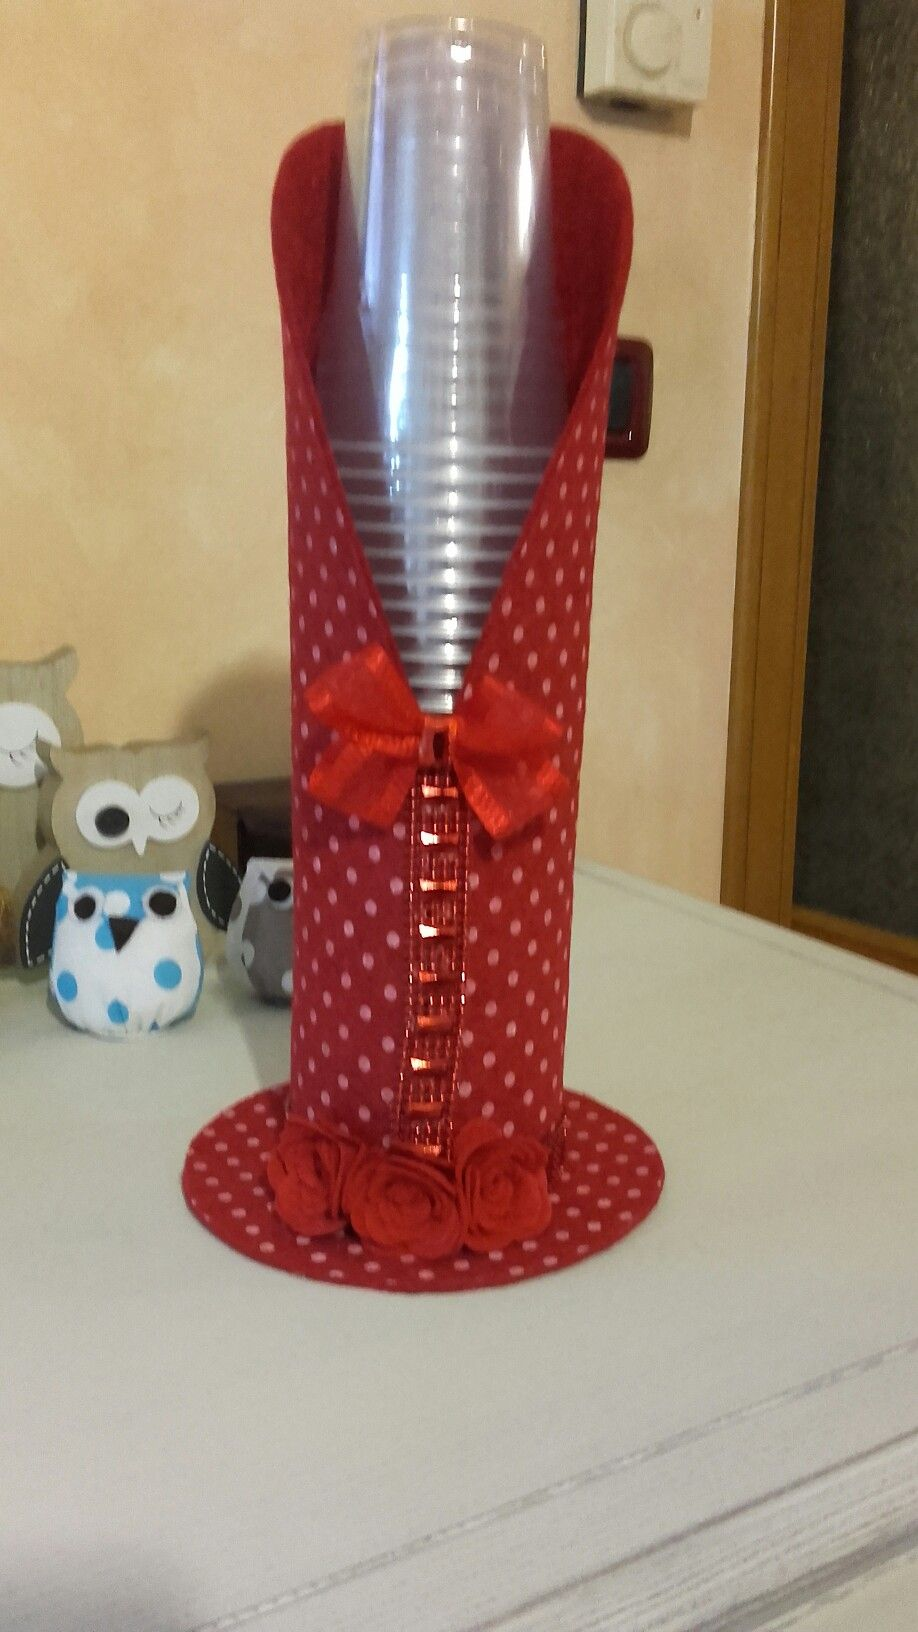 Porta copo descart veis arte em e v a artesanato for Como criar cachamas en tanques plasticos